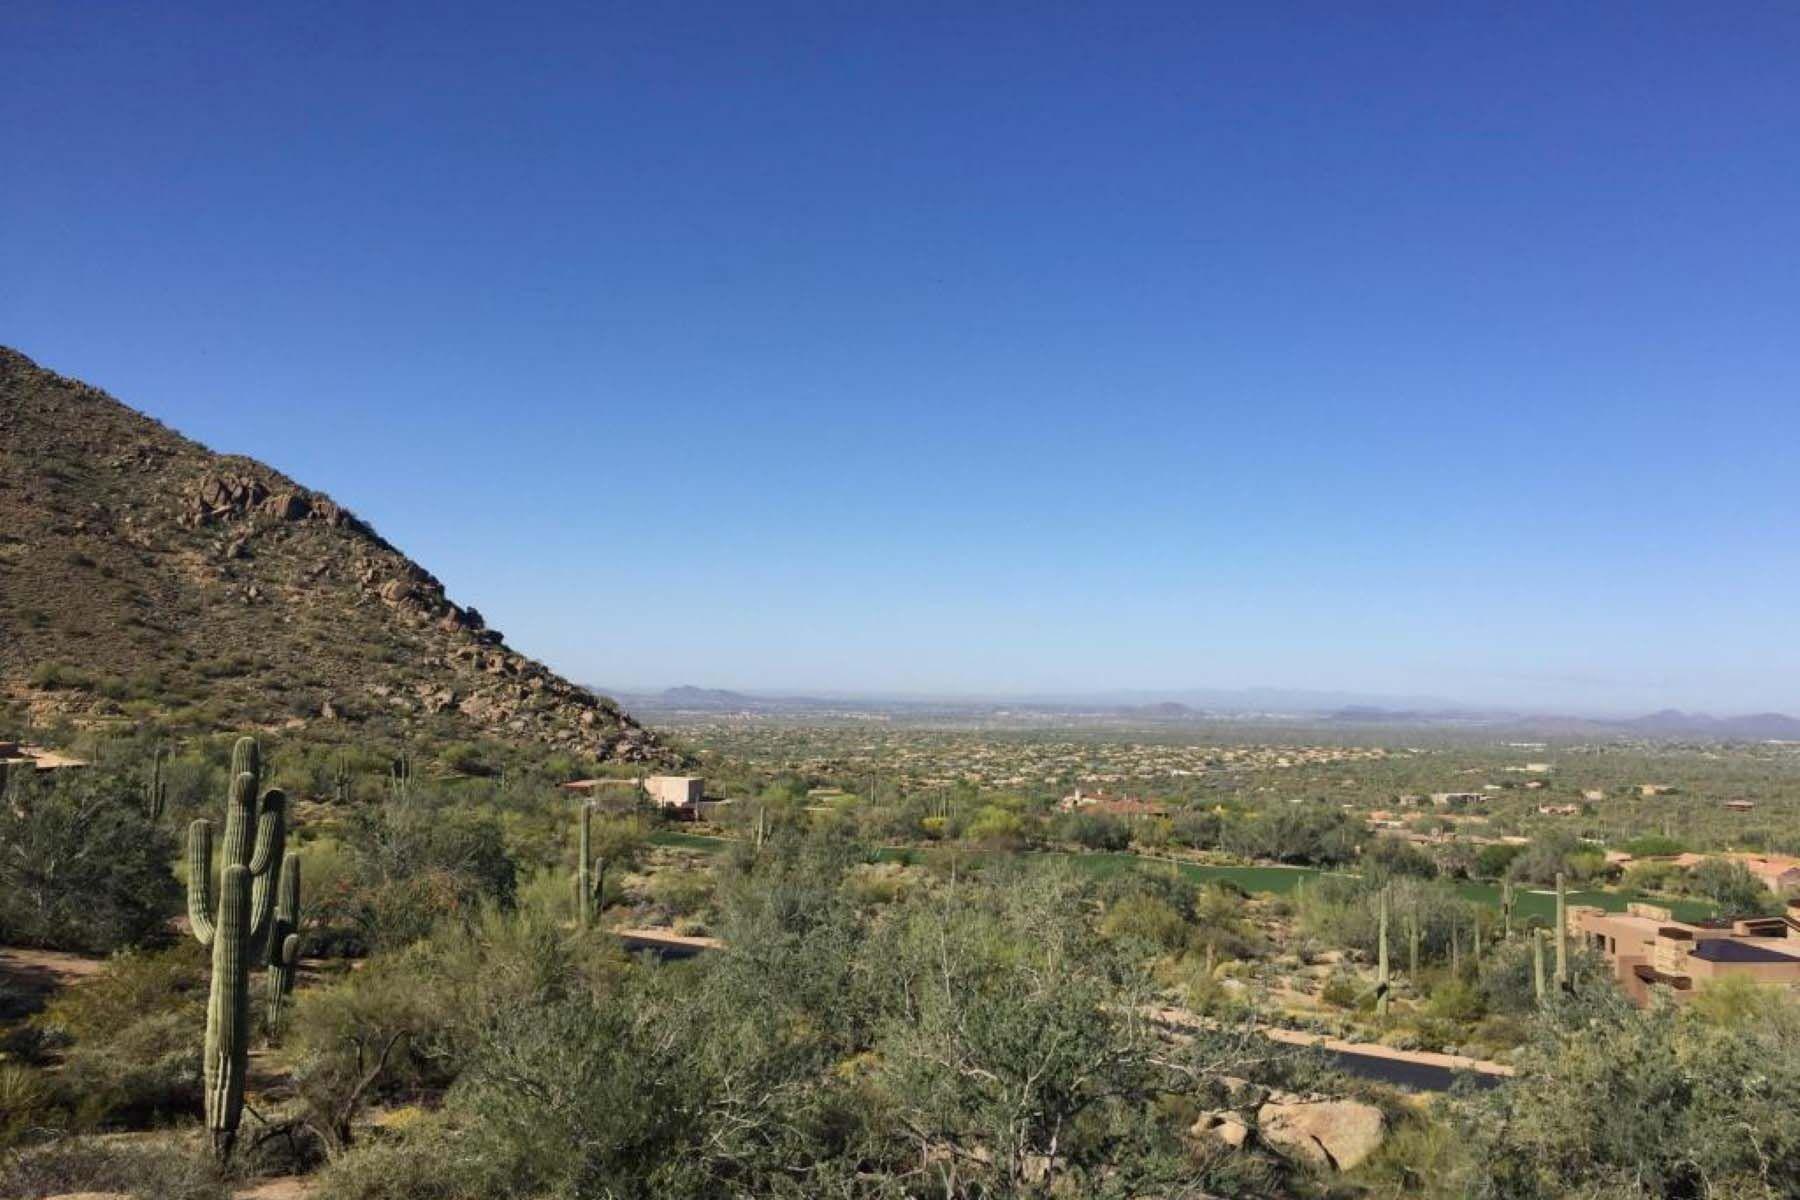 Terrain pour l Vente à Fabulous 1.86 Acre Homesite in Prestigious Golf Community of Estancia 27157 N 98th Way #222 Scottsdale, Arizona, 85262 États-Unis